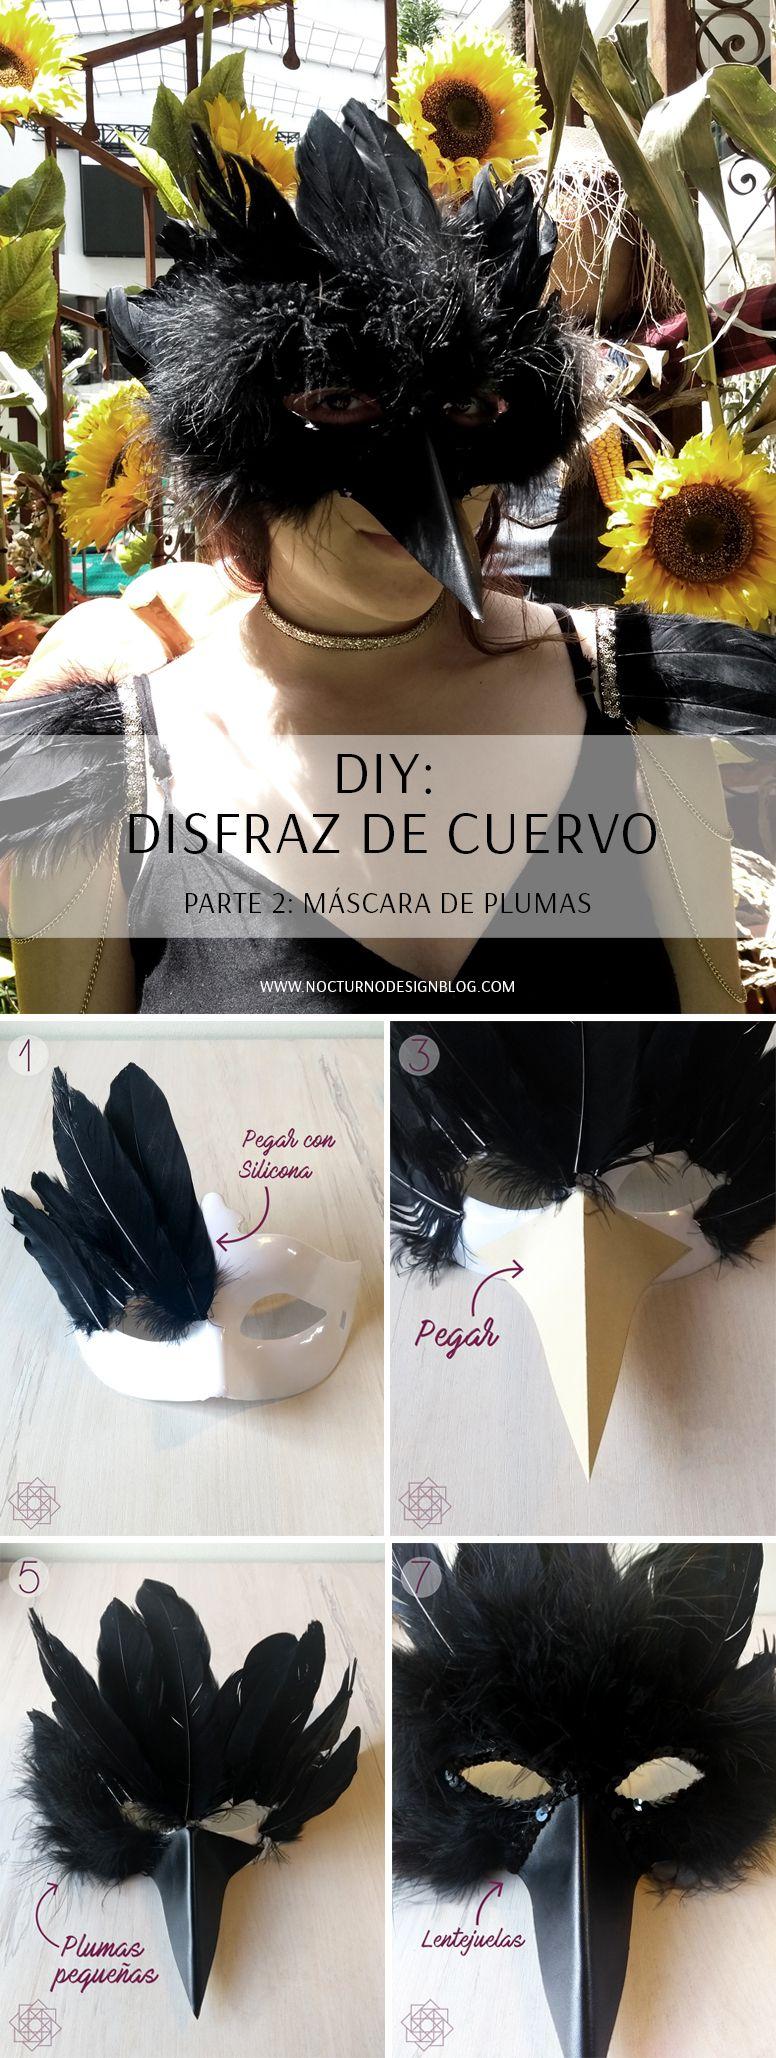 Diy Ideas Disfraz De Cuervo P2 Máscara Disfraz De Cuervo Diy Disfraz